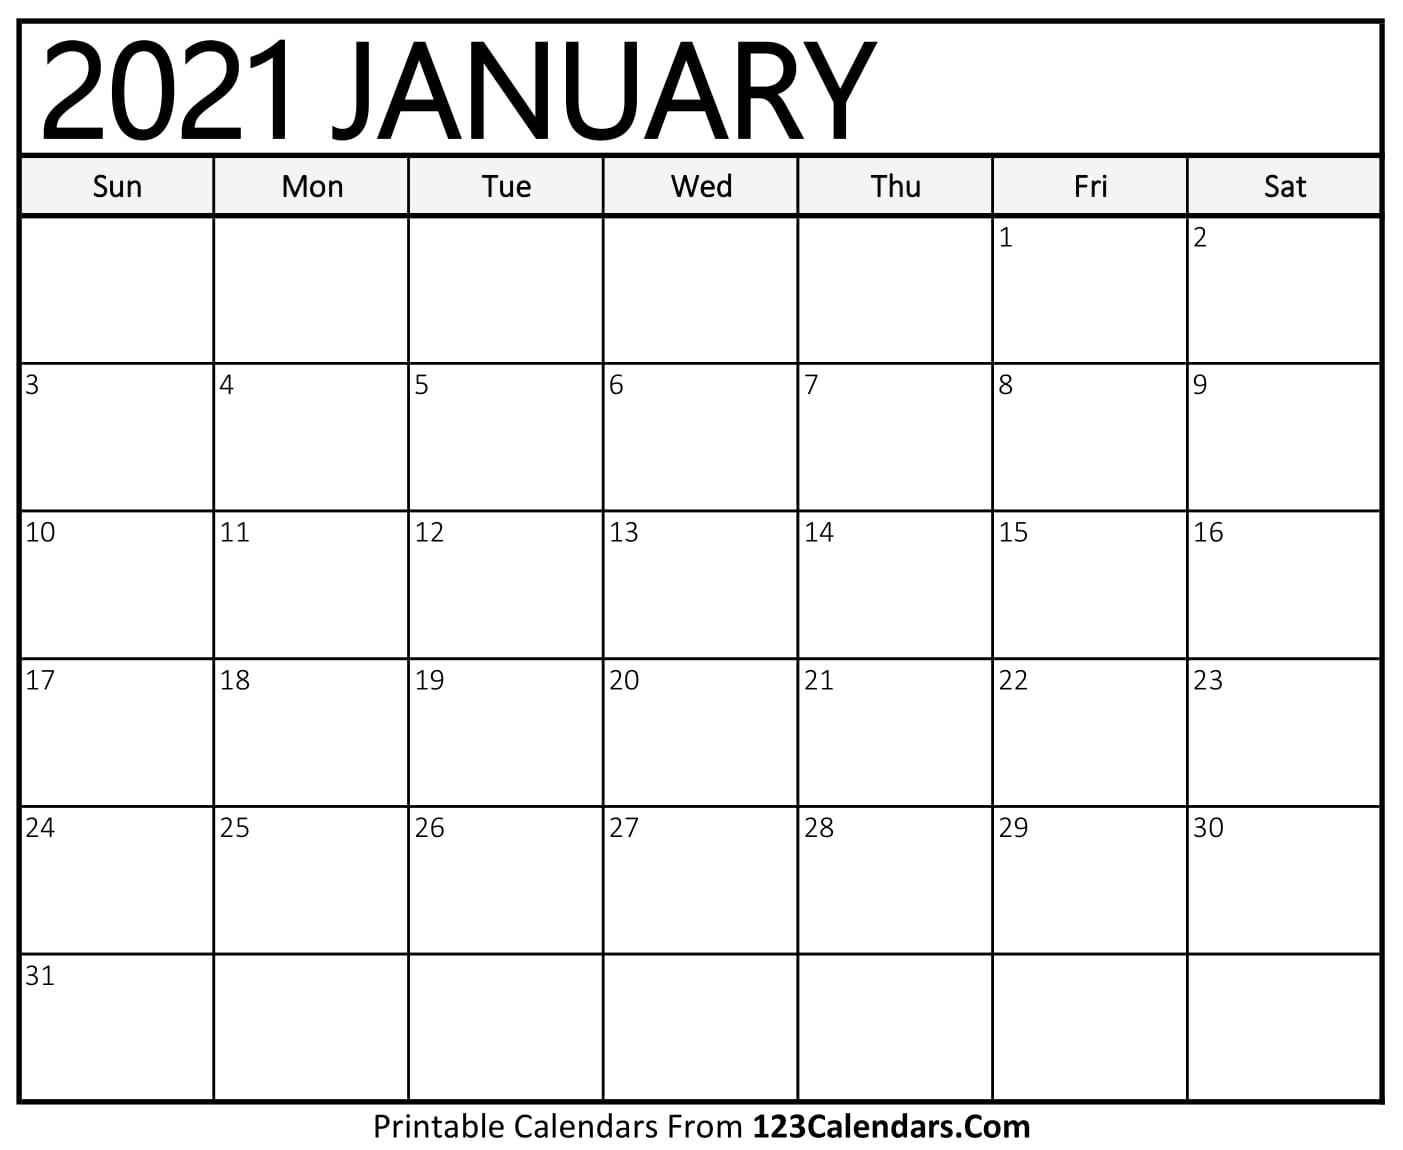 2021 Calendar Write In